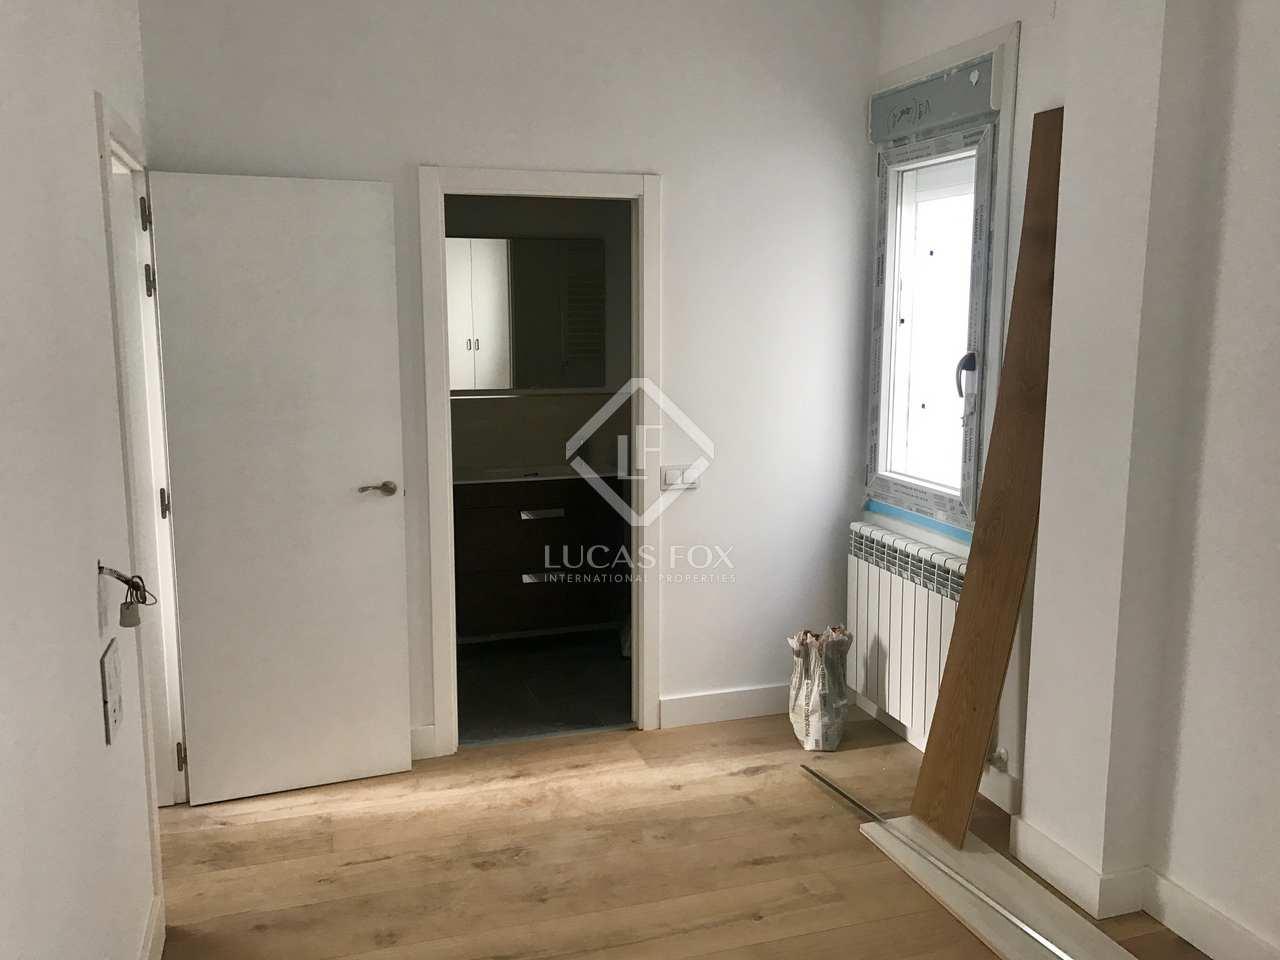 104m wohnung zum verkauf in retiro madrid. Black Bedroom Furniture Sets. Home Design Ideas